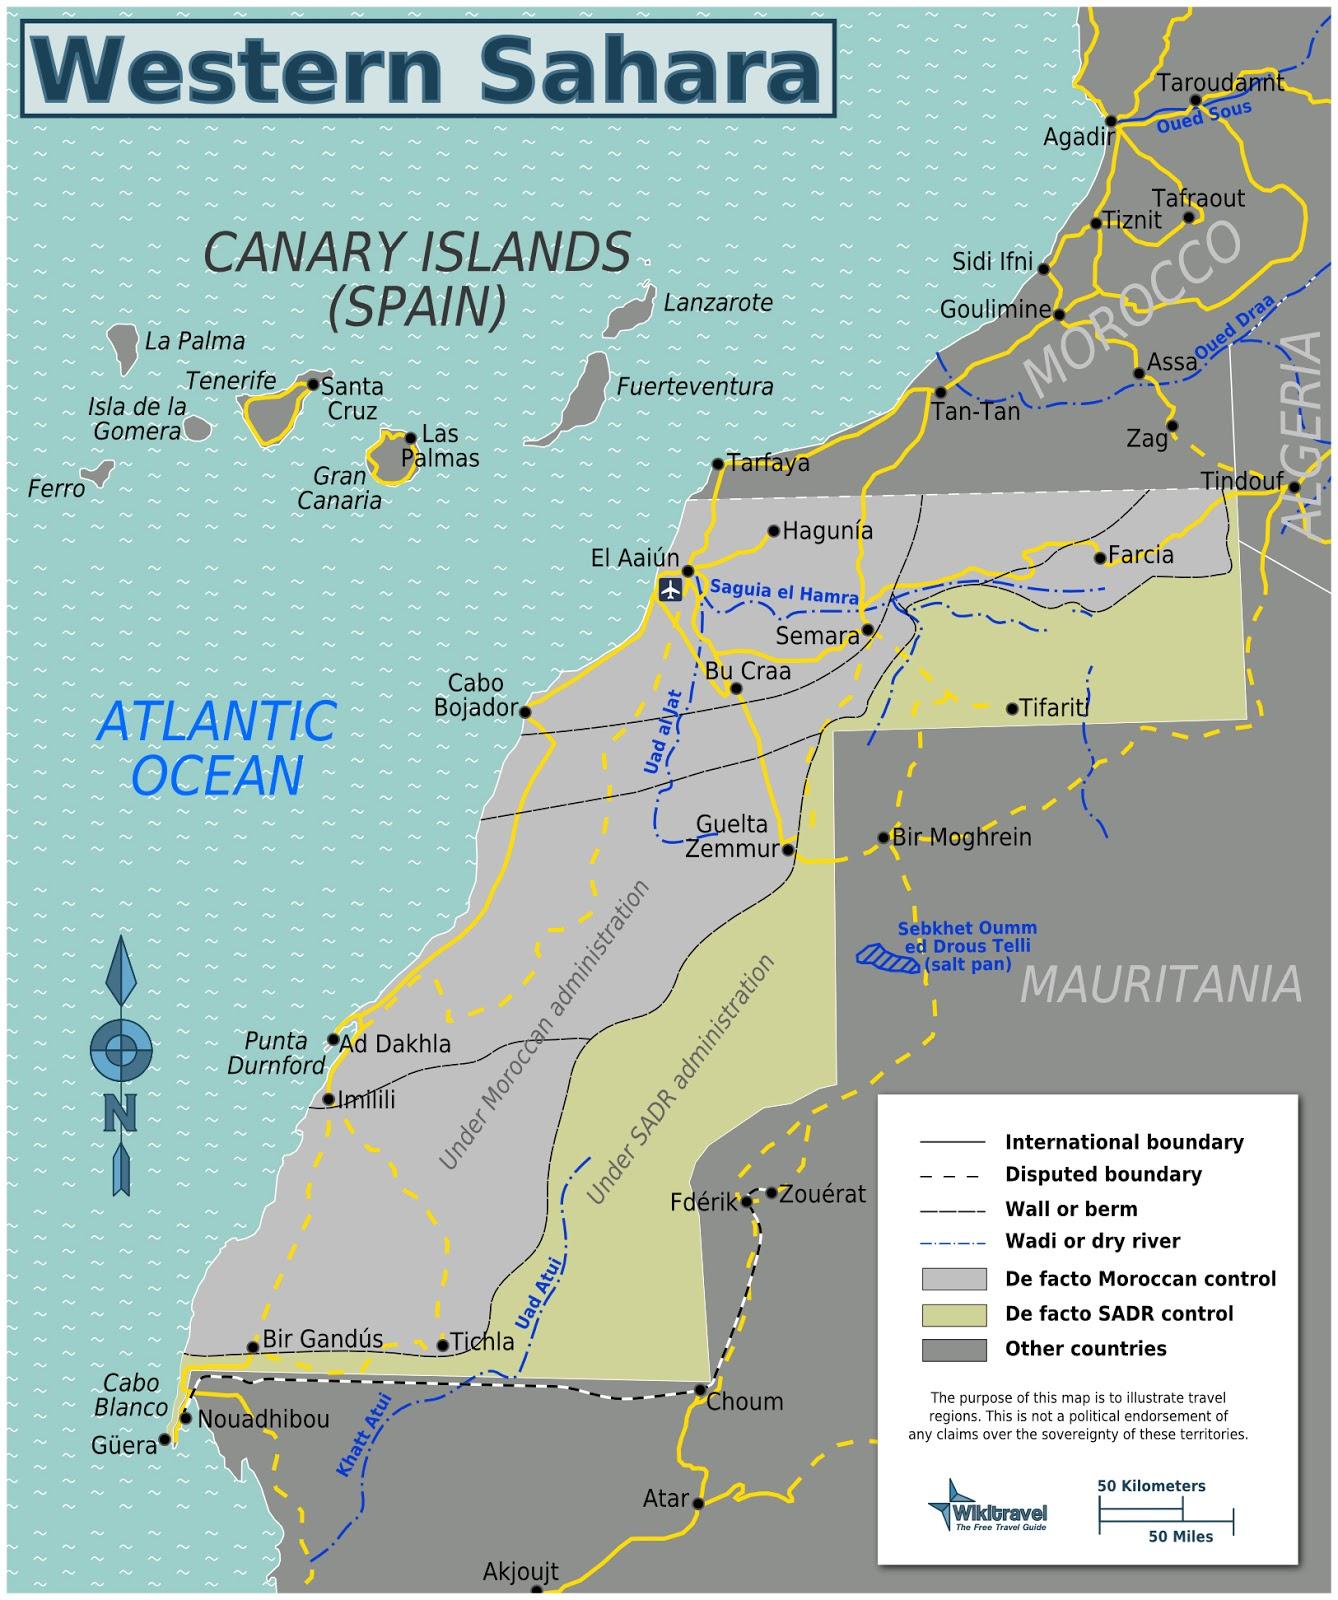 Sahara Ocidental | Mapas Geográficos de Sahara Ocidental